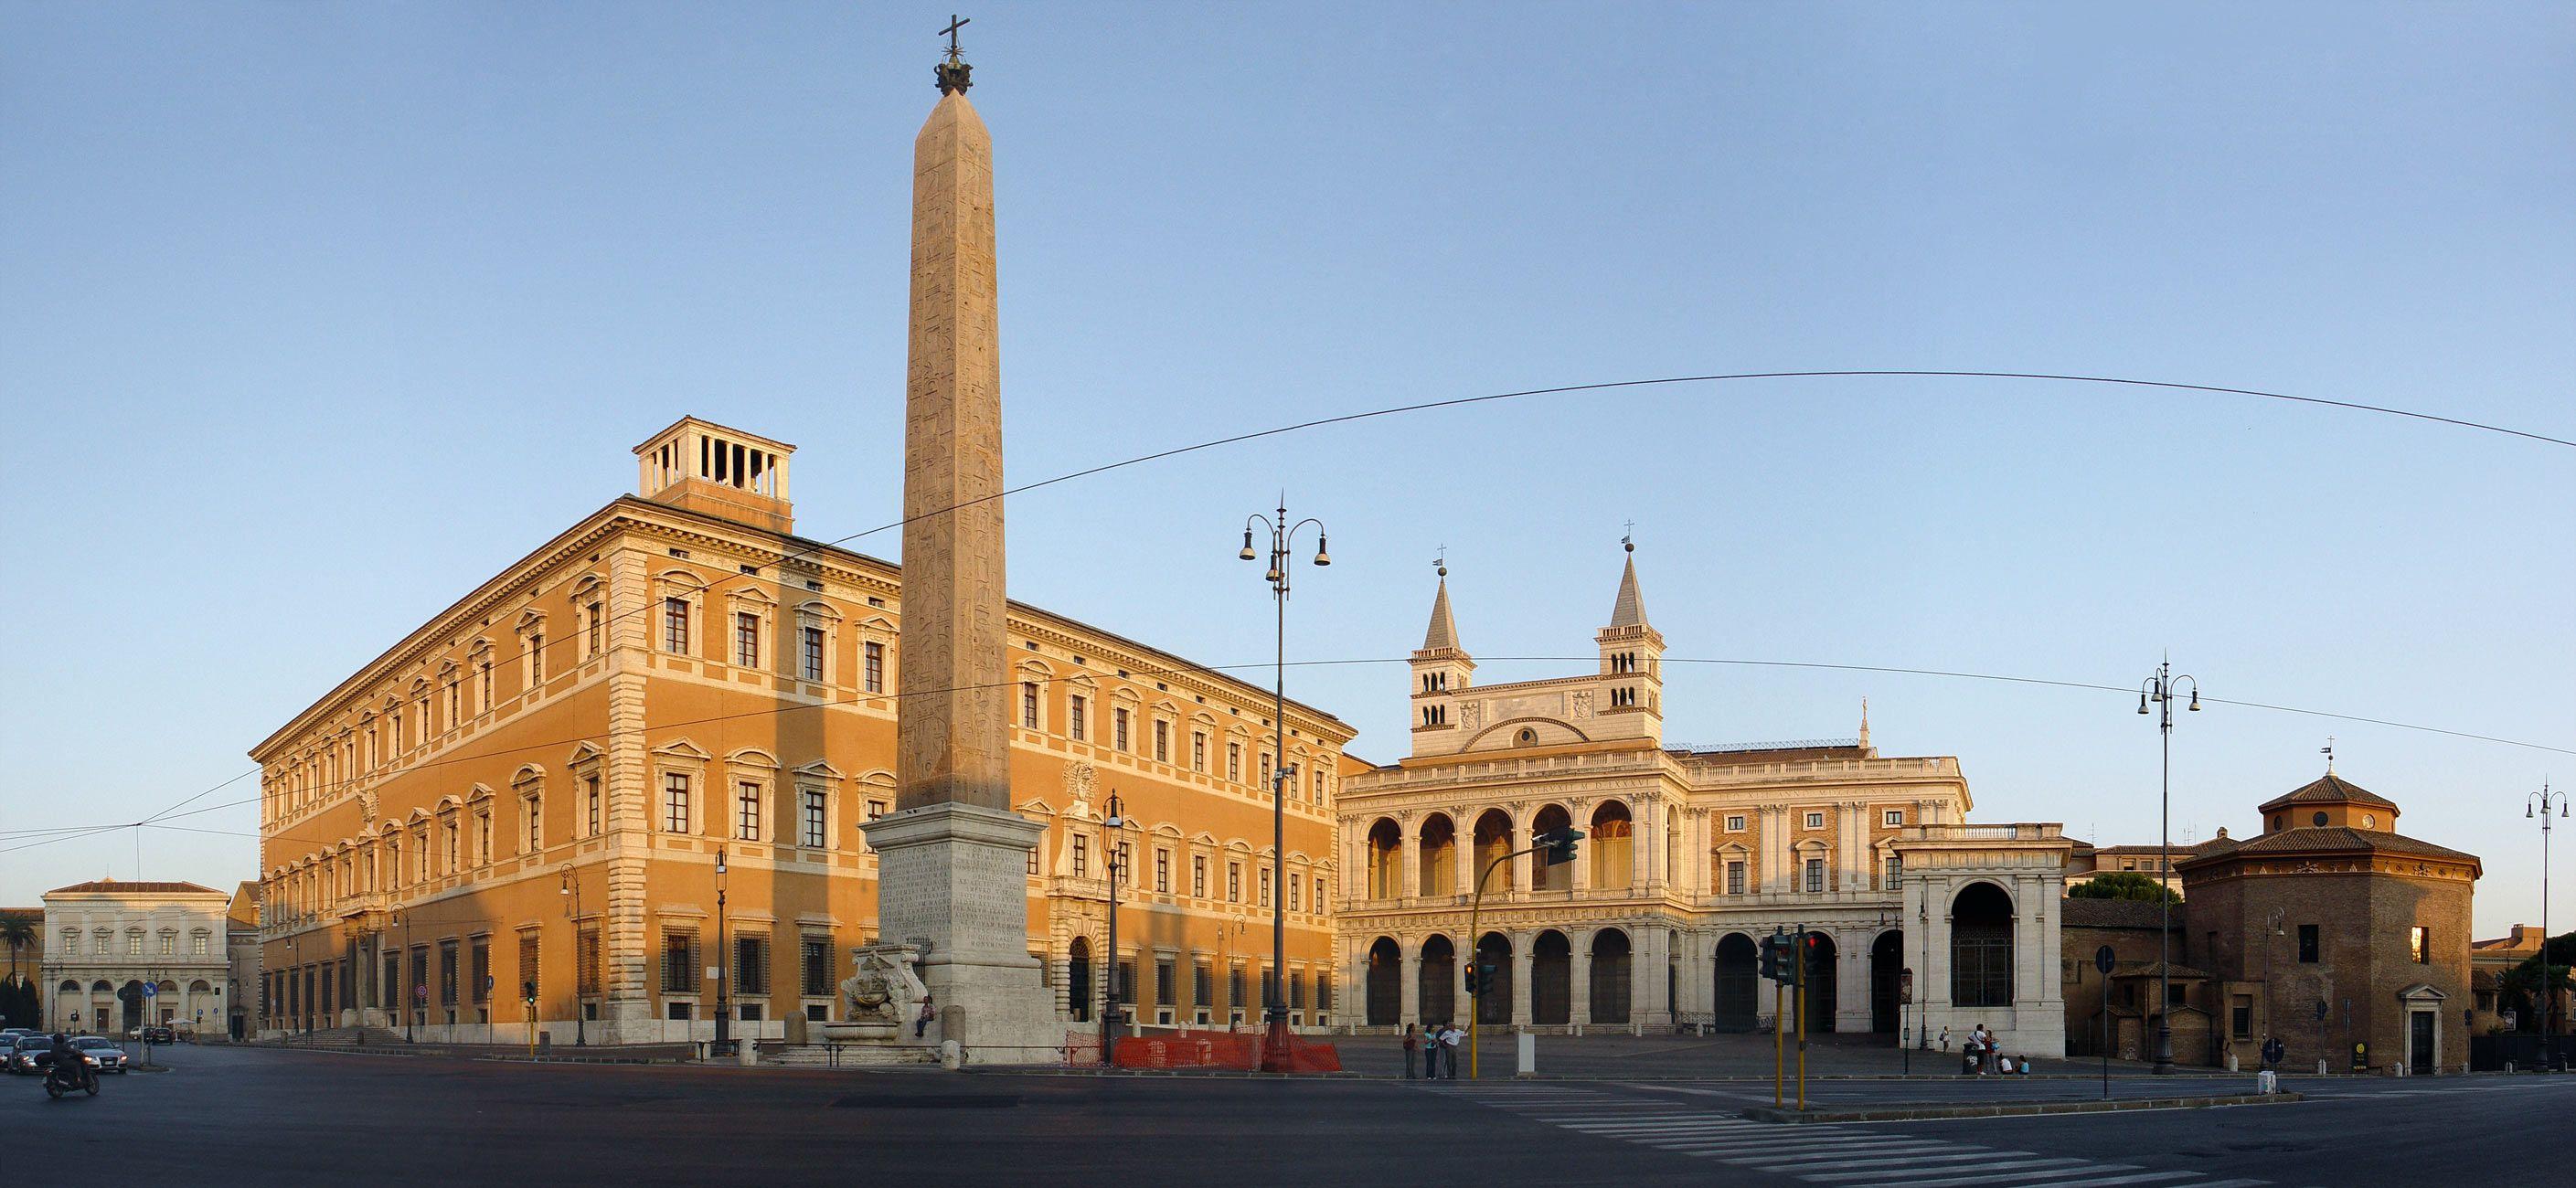 Panoramica di piazza San Giovanni in Laterano